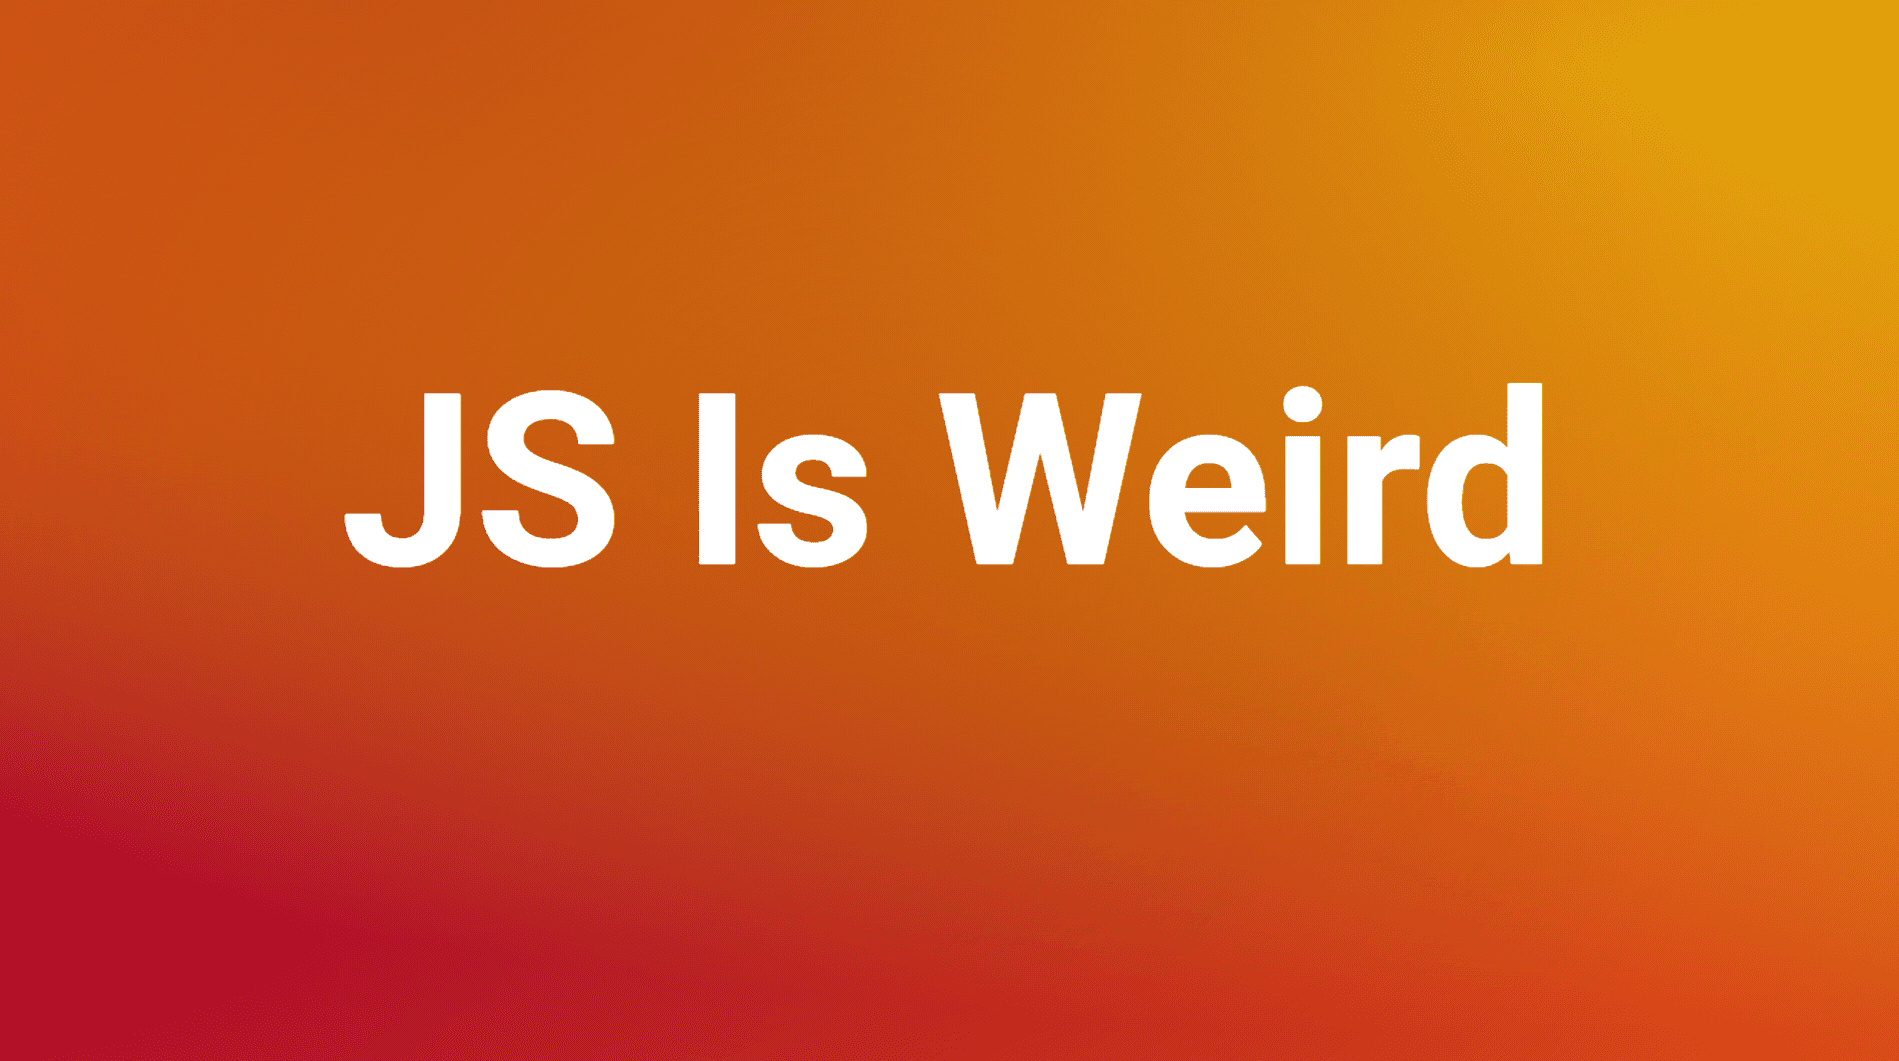 JS is weird